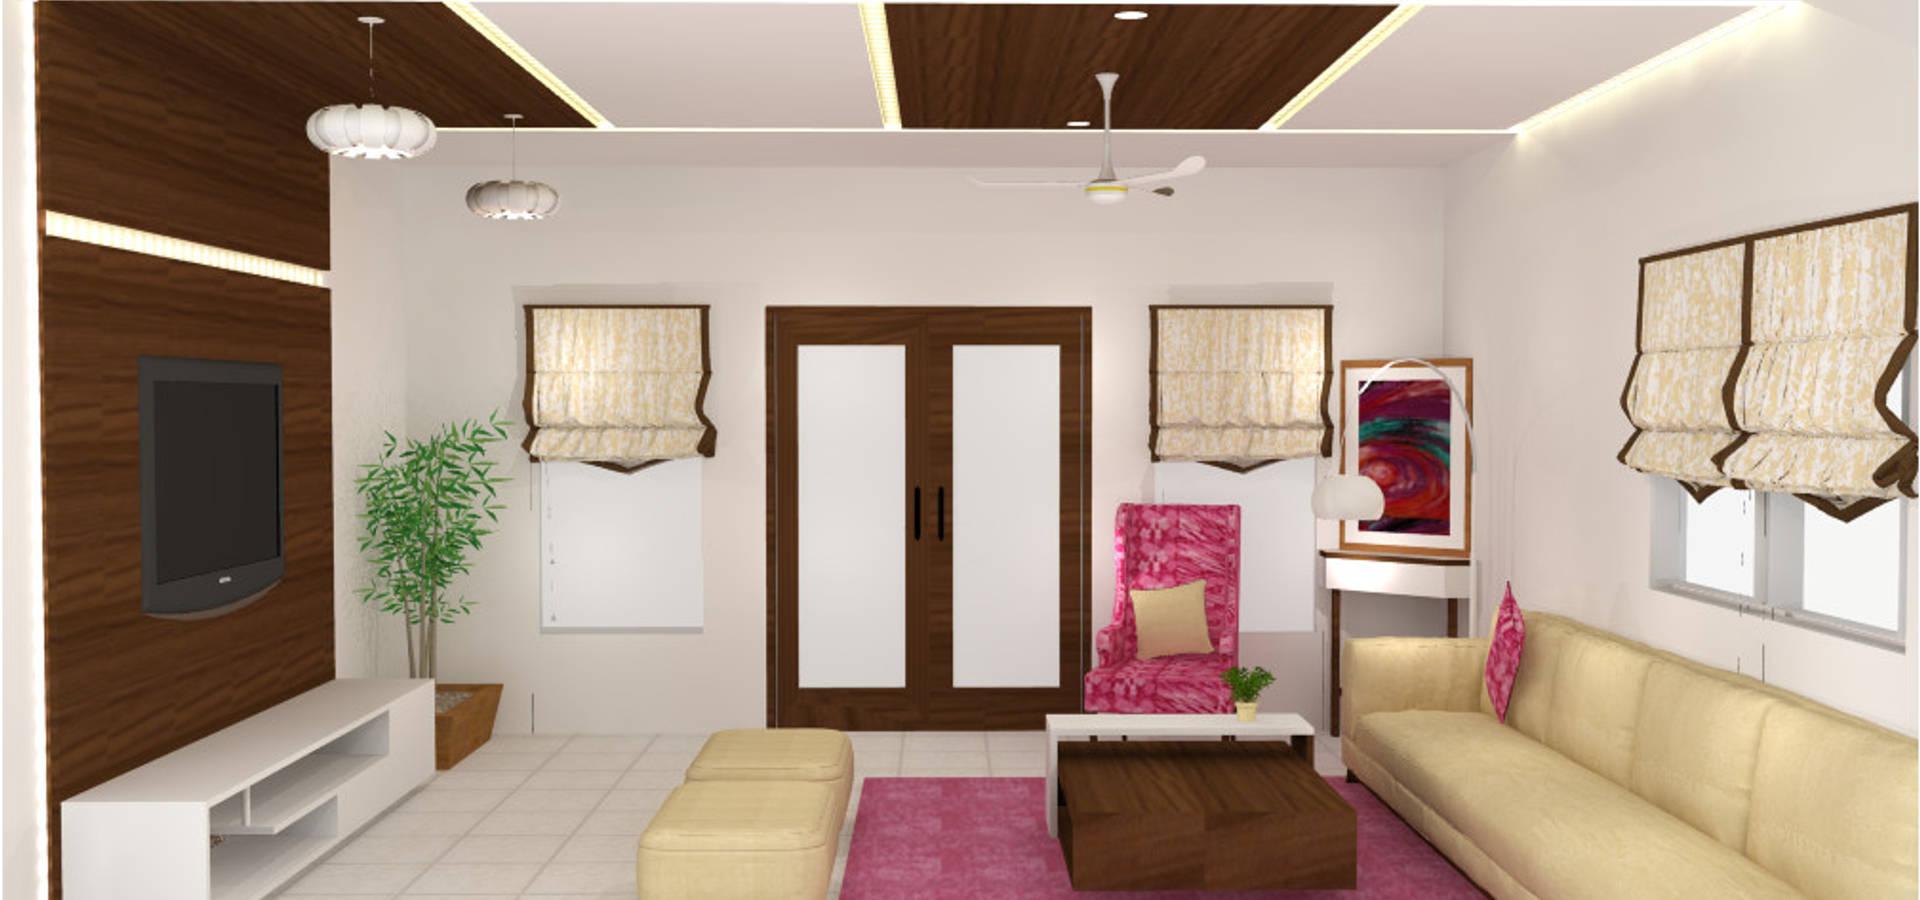 Alag Interior